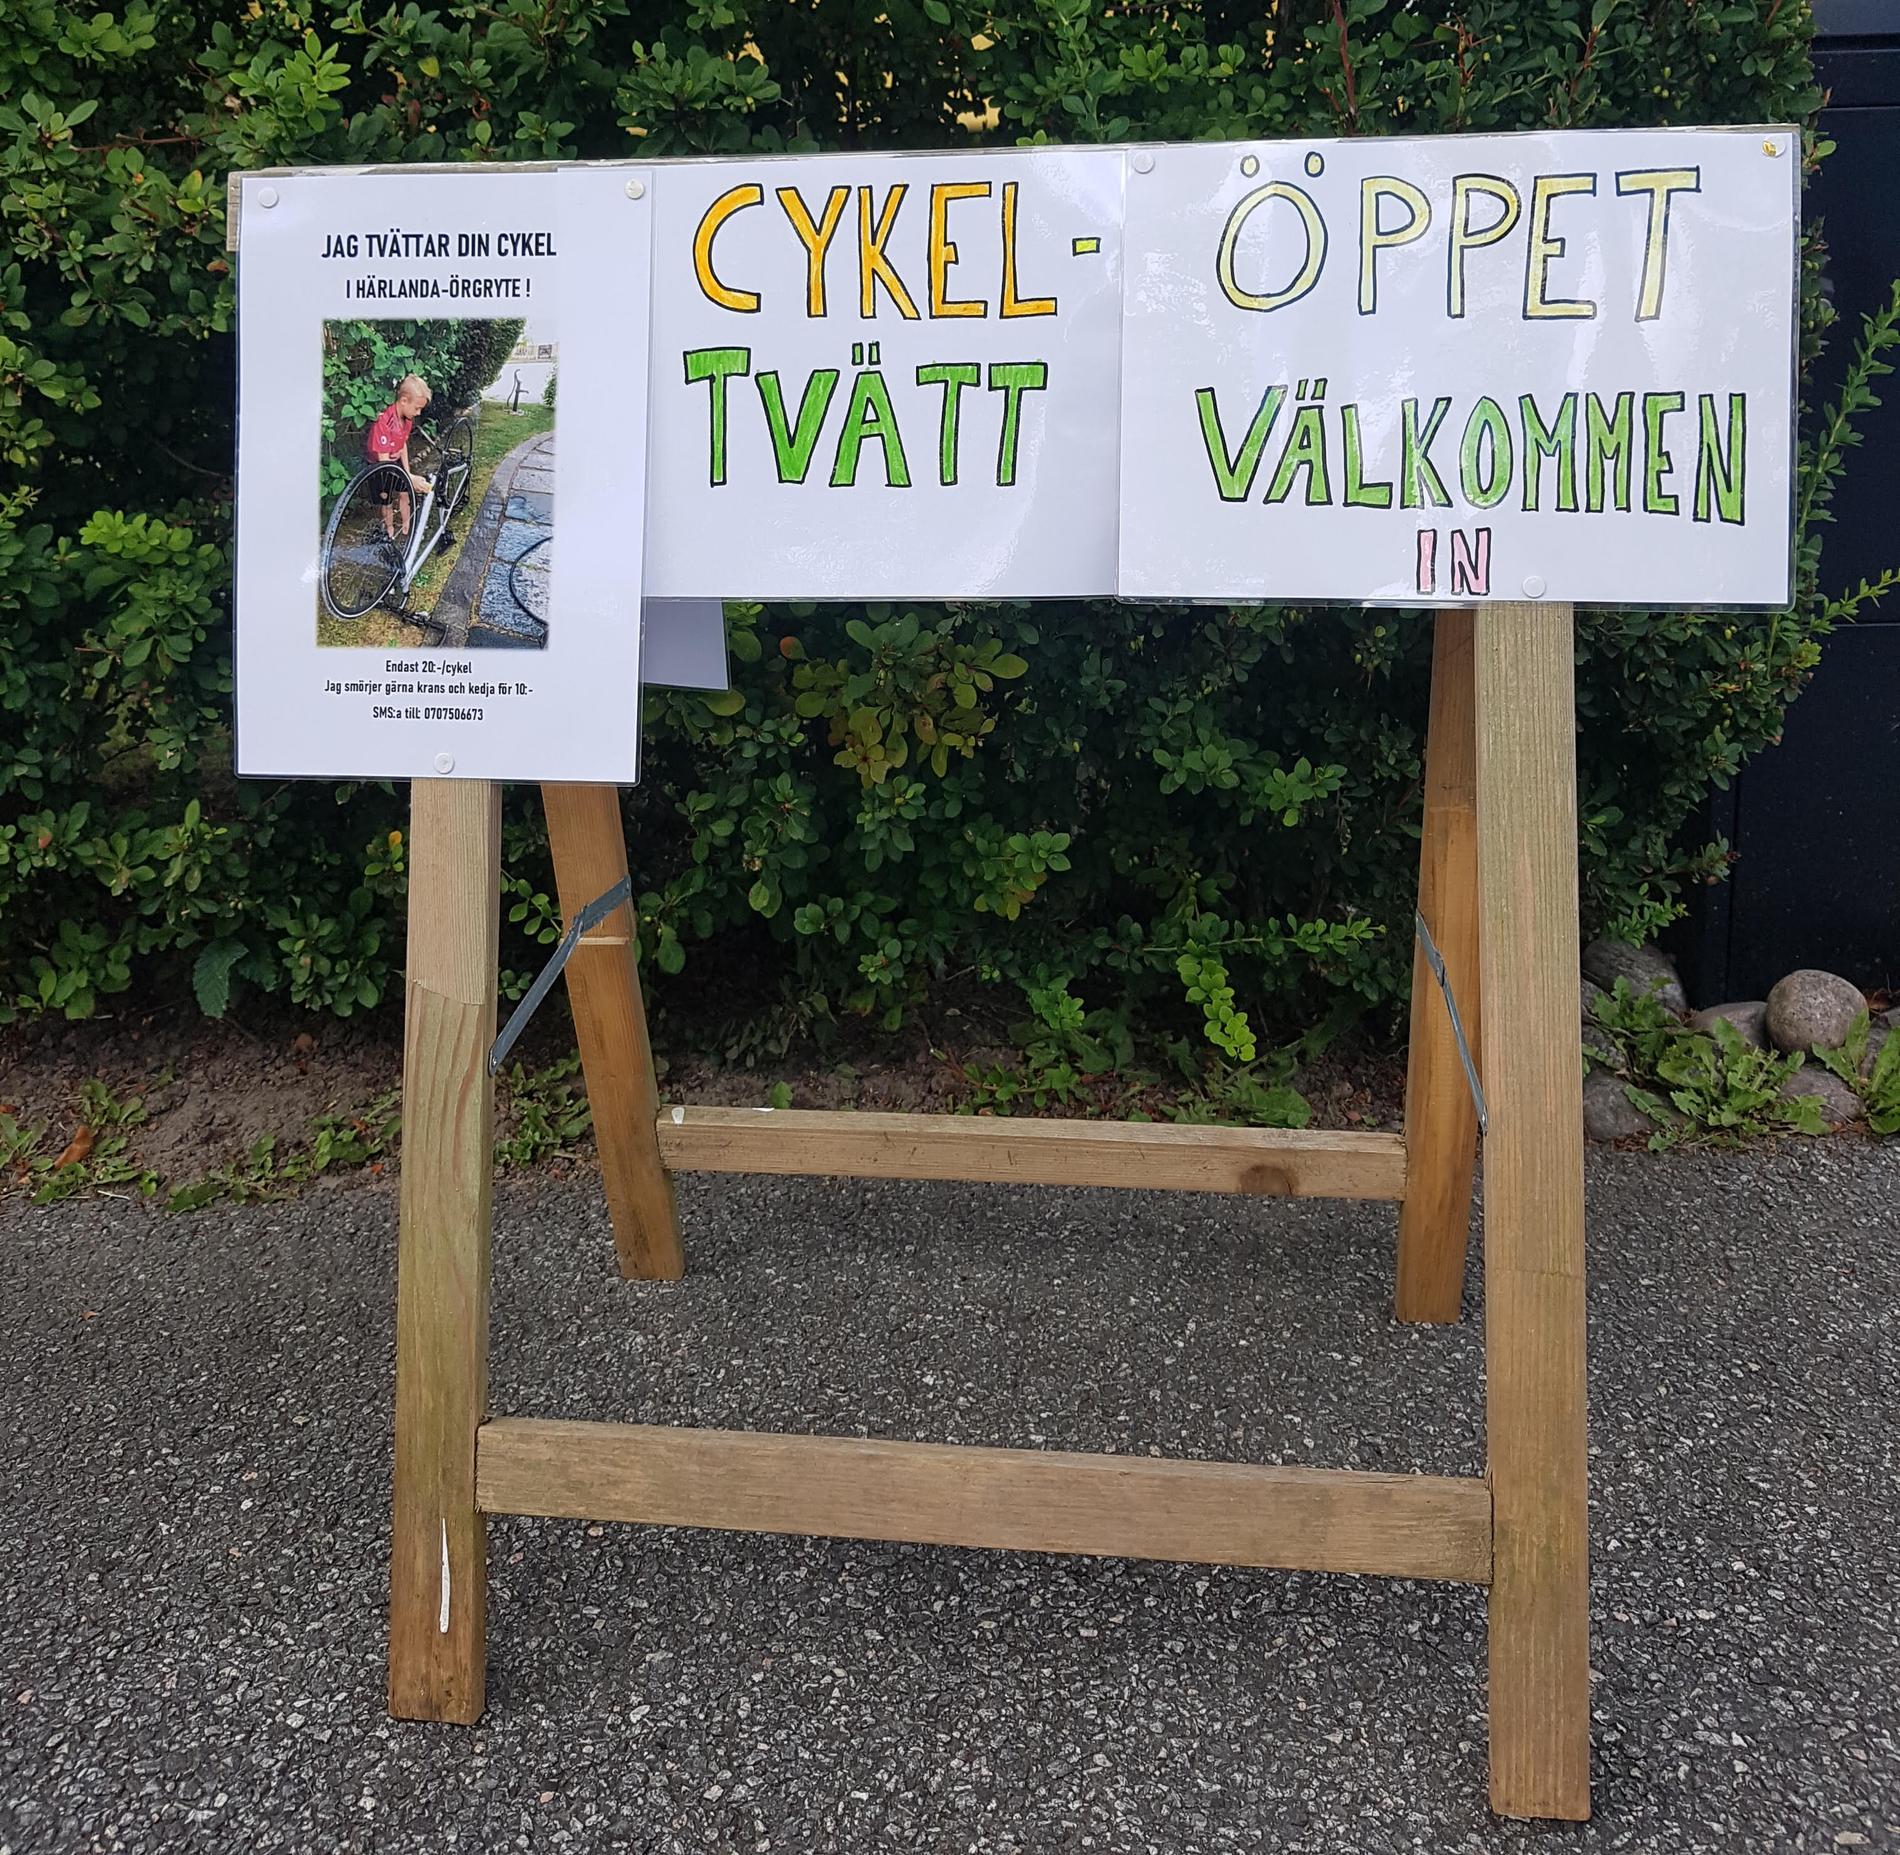 Oliver har satt upp skyltar och affischer i området där han bor.